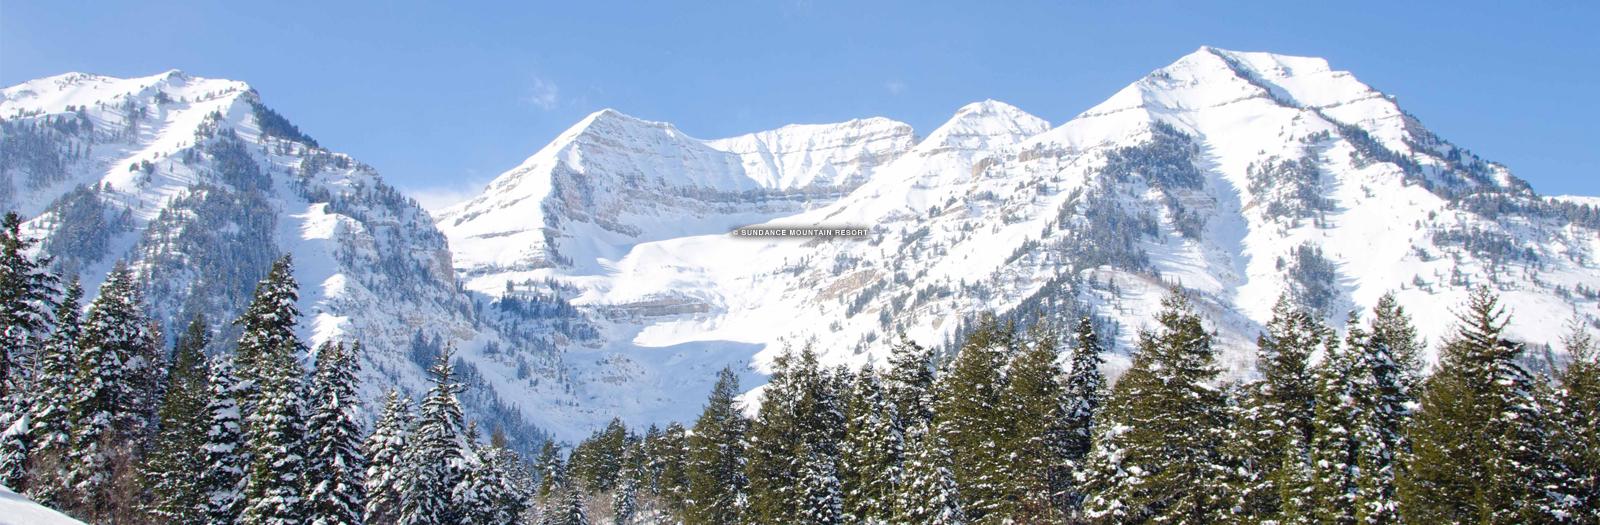 Sundance trail map, ski map